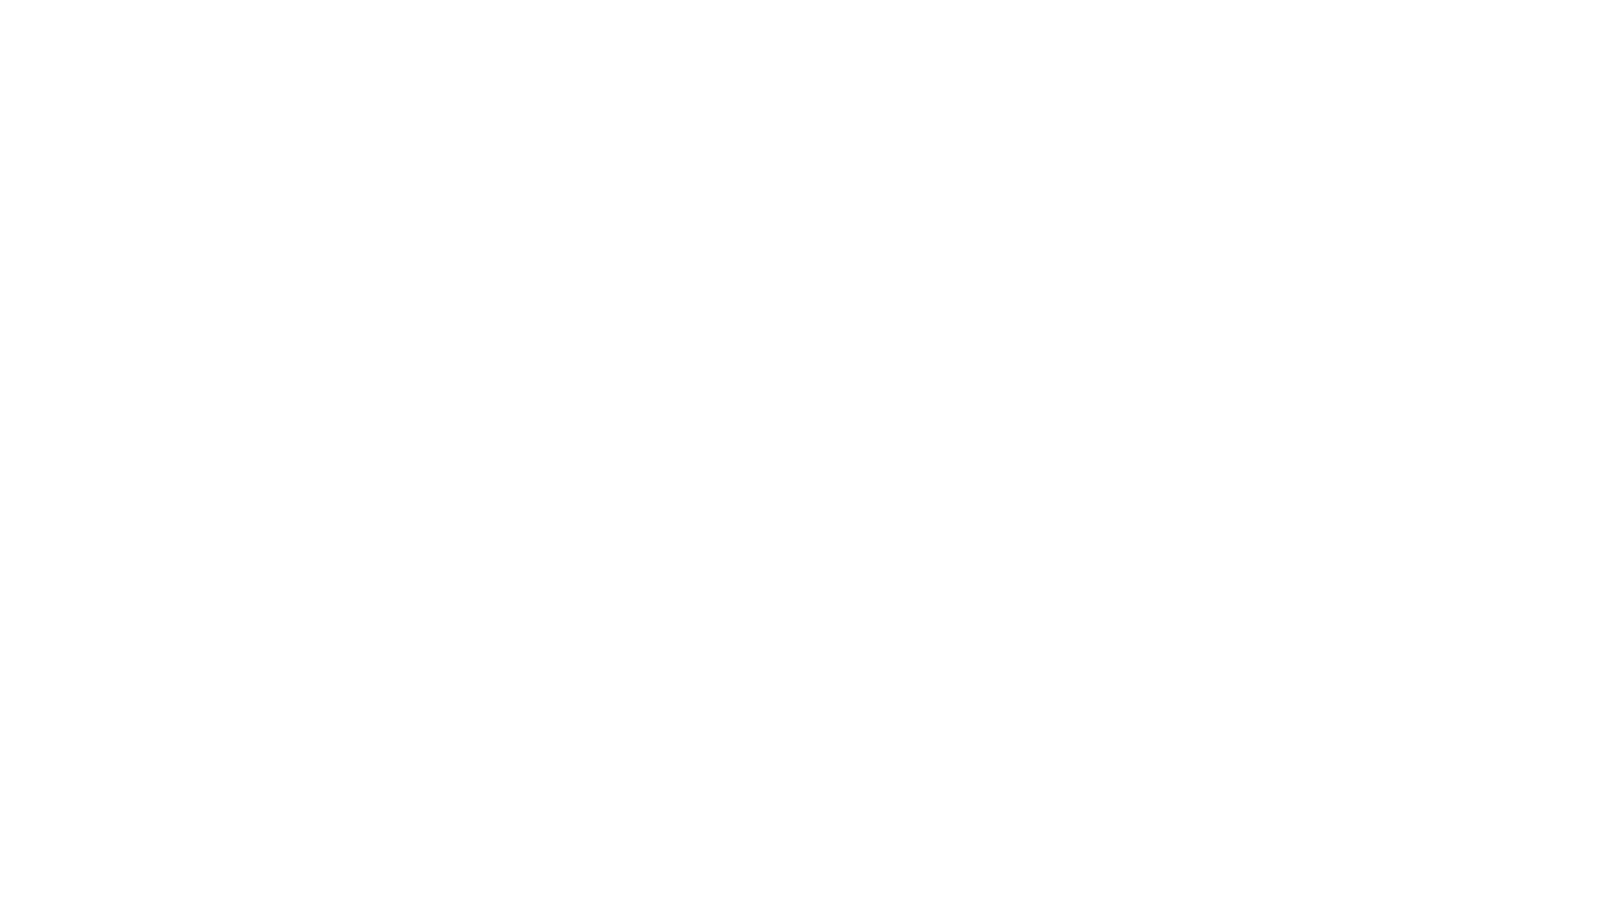 Neste vídeo Issa La Croix comenta uma Live feita com Ana Borba, fundadora da Lixiki. E fala um pouco do Universo Maker, da mistura de talentos de Ana para desenvolver o trabalho dela, da nossa relação com o lixo e a sustentabilidade, passando para um tempo em que é necessária a regeneração do planeta.  O link do vídeo que foi comentado é este, e ele já está na sequência da playlist #tavapensando para você assistir e conhecer o trabalho especial de reutilização que Ana faz. https://youtu.be/SIyQ-_0zUNs